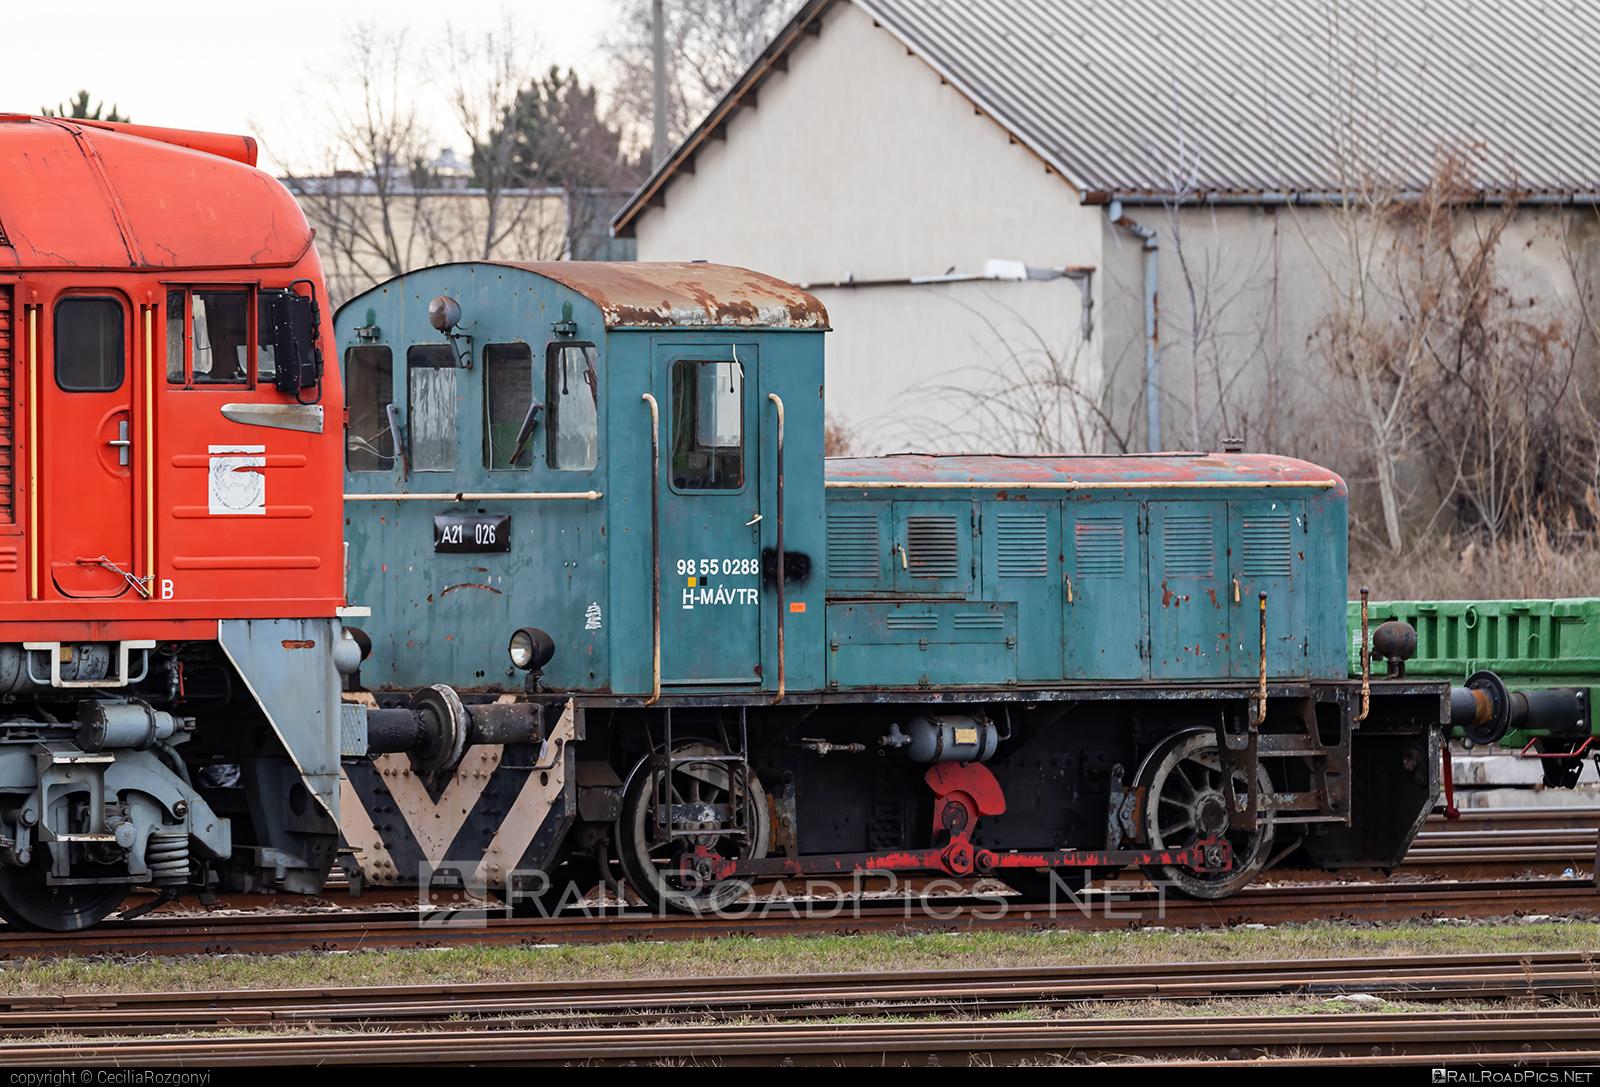 Rába M030 - A21 026 operated by MÁV-TRAKCIÓ Zrt. (MAV-TRACTION Co) #a21locomotive #m28locomotive #mav #mavM28 #mavtr #mavtrakcio #mavtrakciozrt #raba #rabaM030